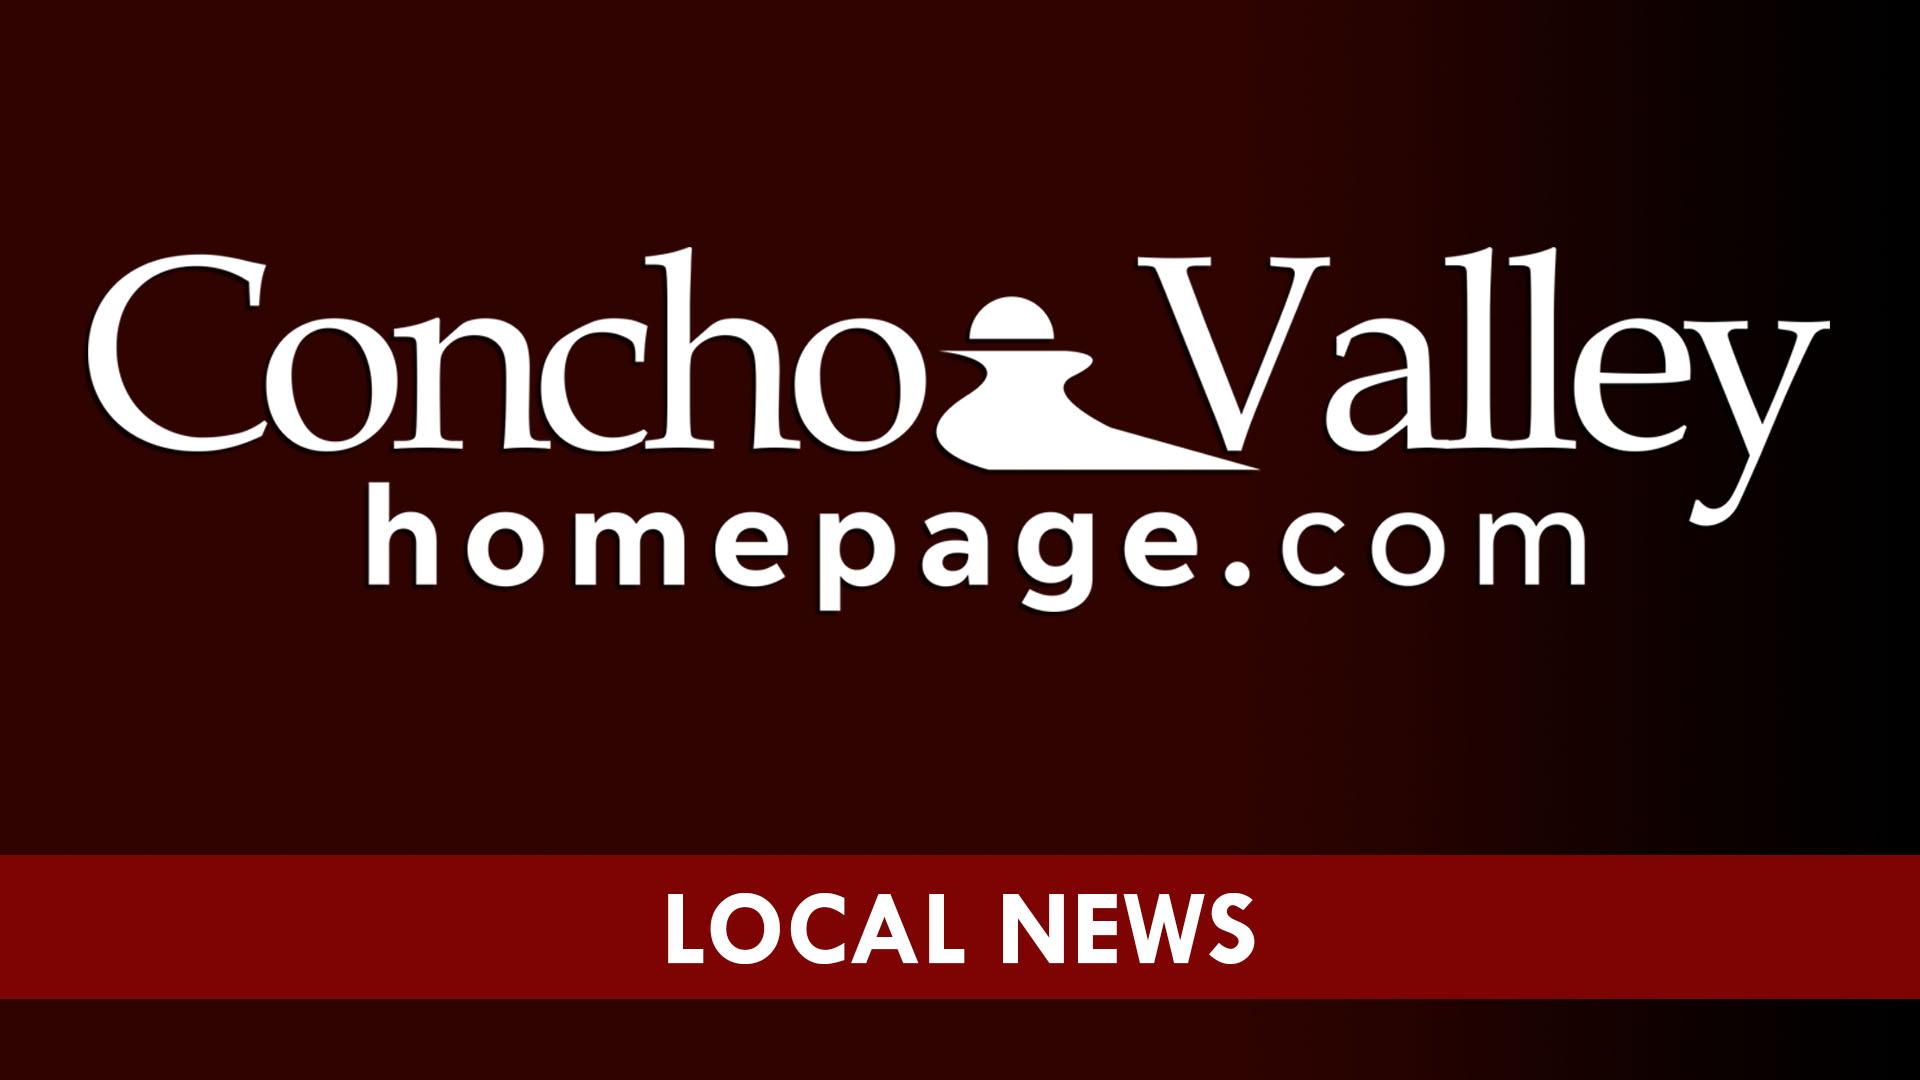 CVHP-1920x1080-Local-News_1557951222310.jpg